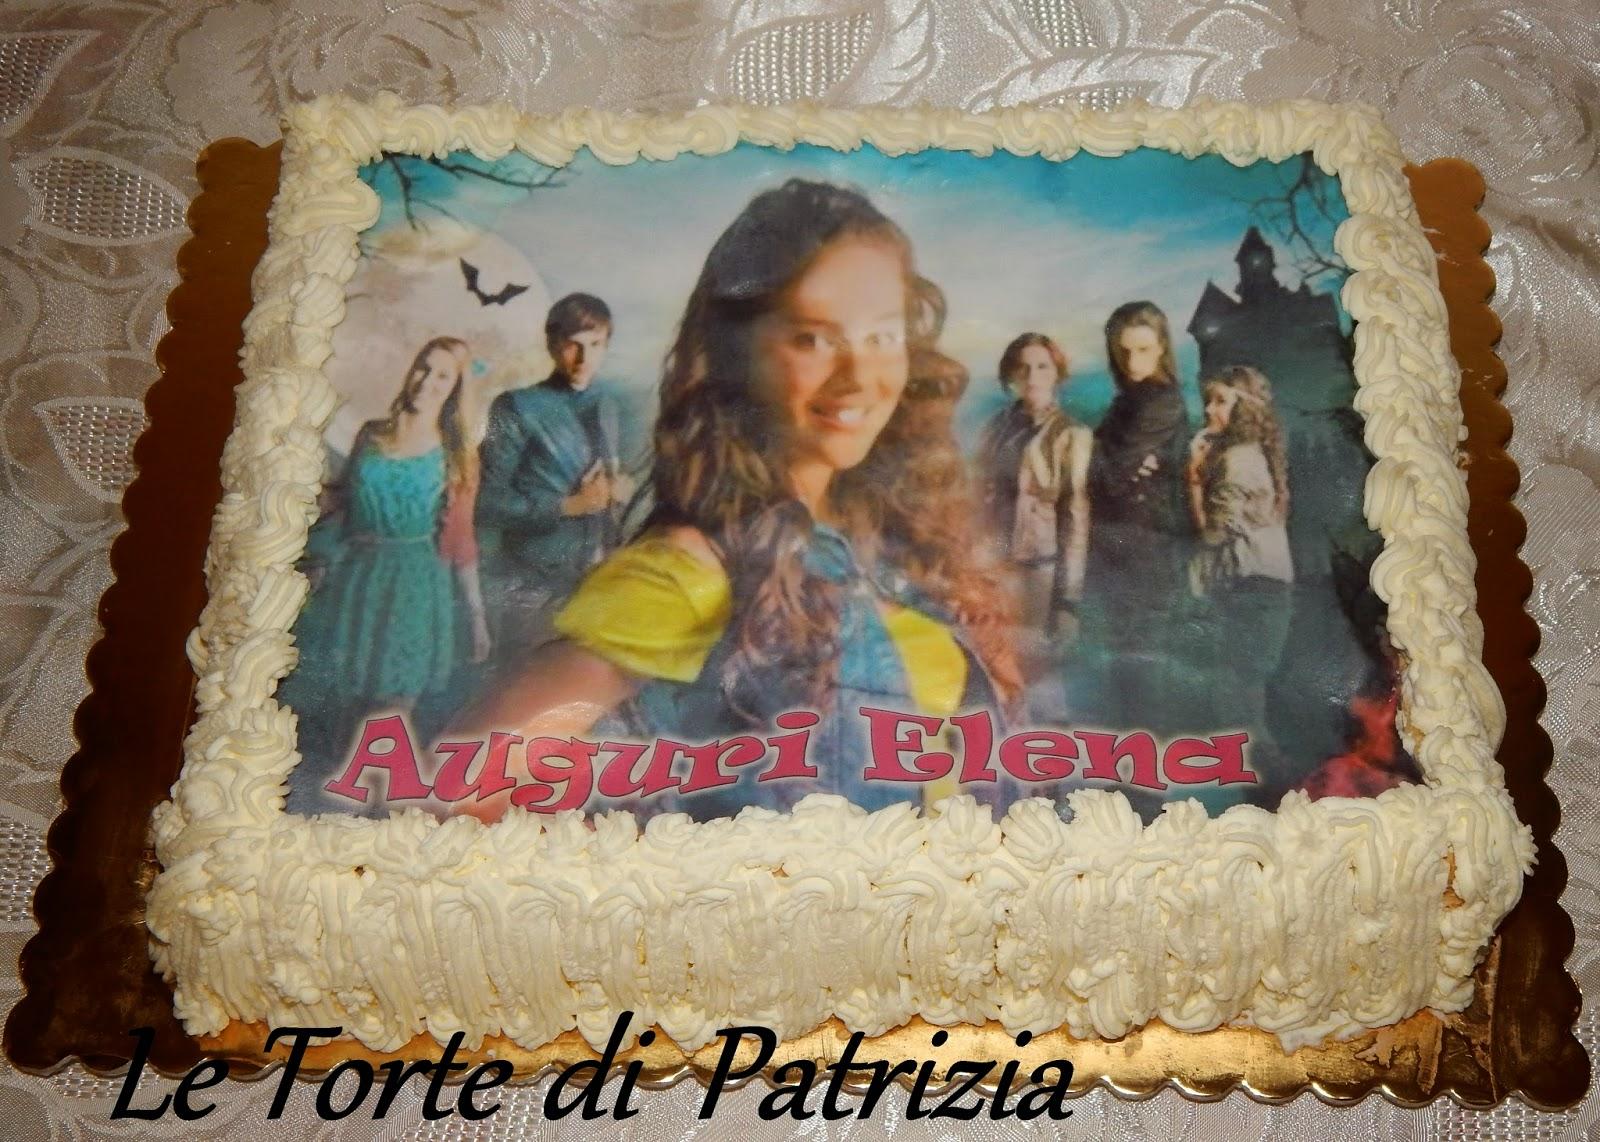 Le torte di patrizia passione e fantasia chica vampiro